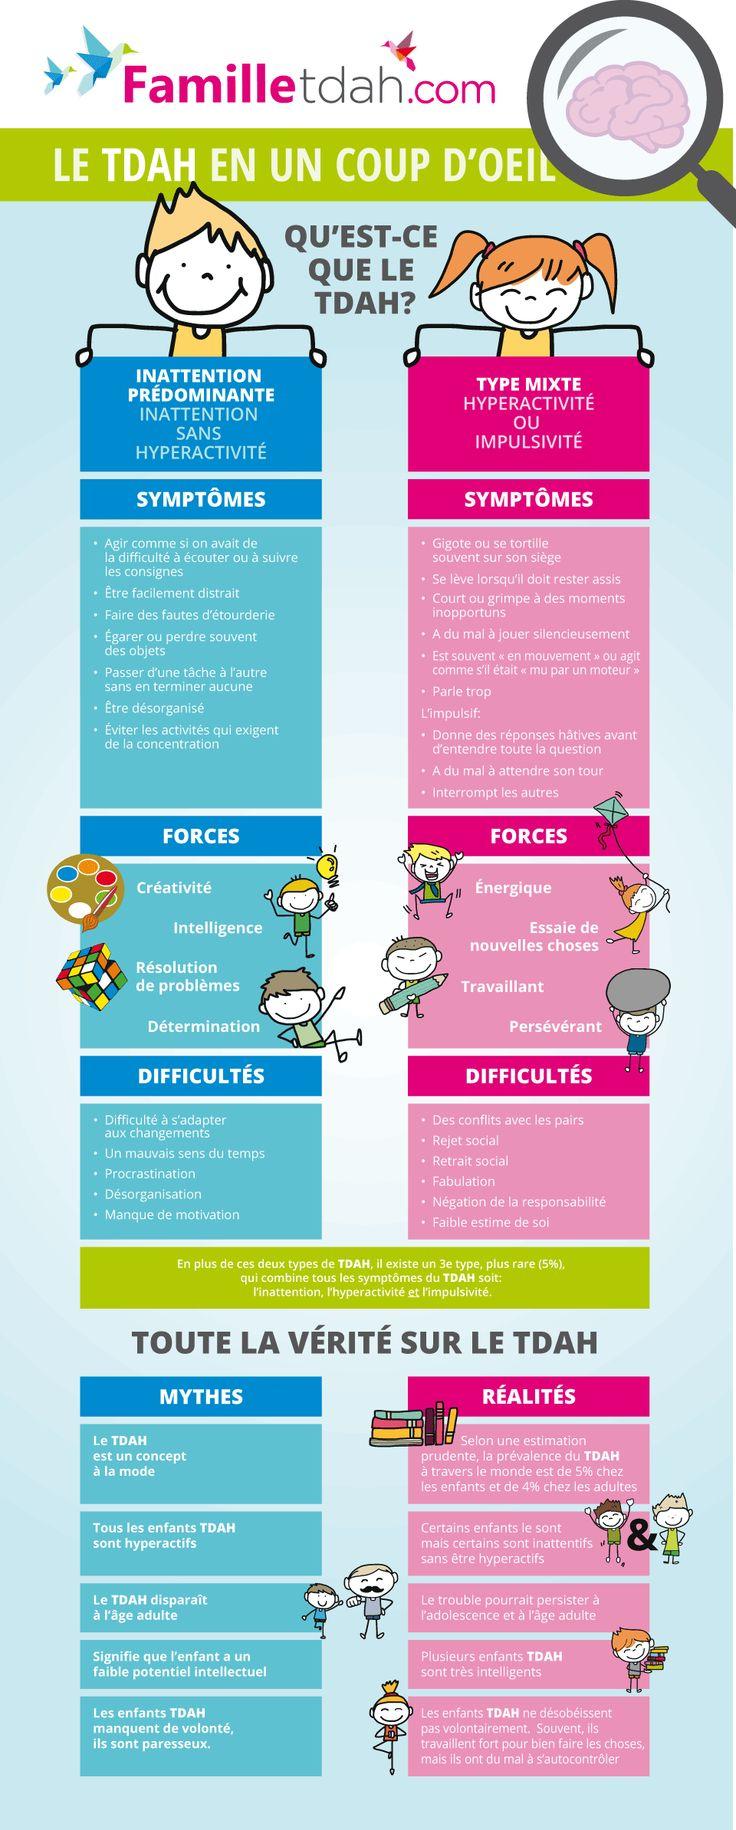 Vous avez toujours souhaité avoir en un coup d'oeil les distinctions entre les types de TDAH? Ils sont représentés ci-bas,